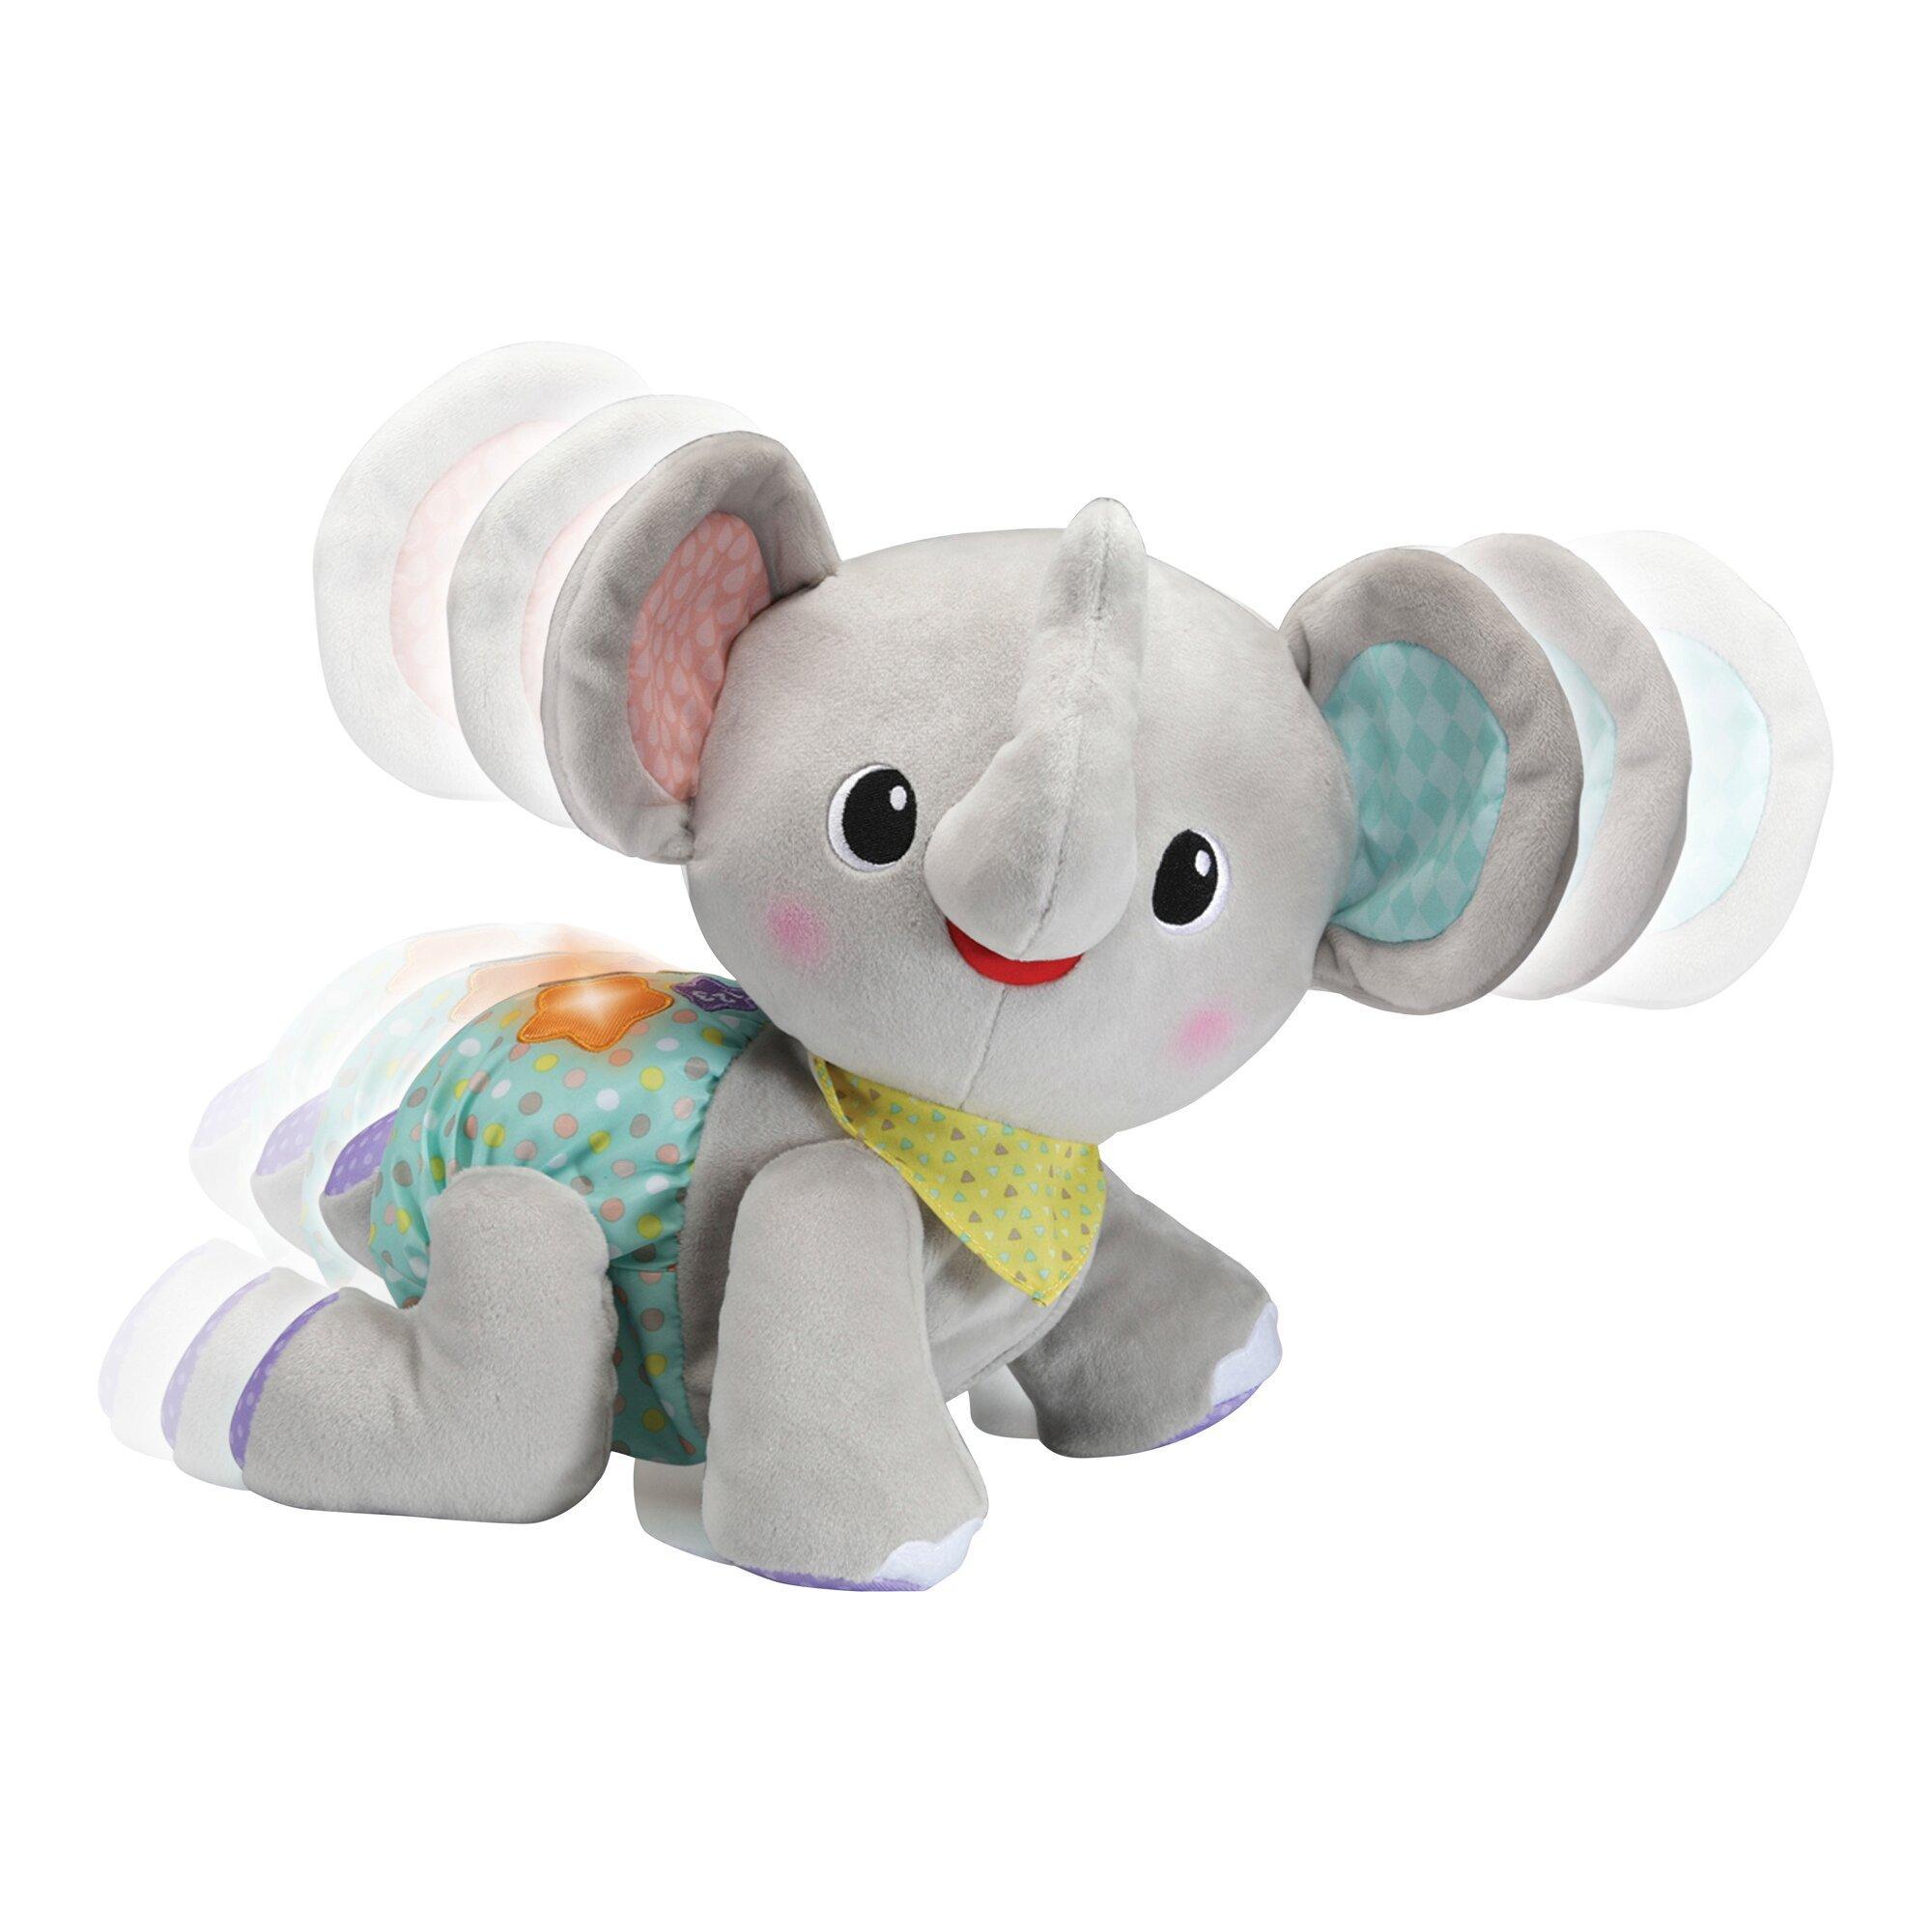 Stoffspielzeug Krabbel-mit-mir-Elefant